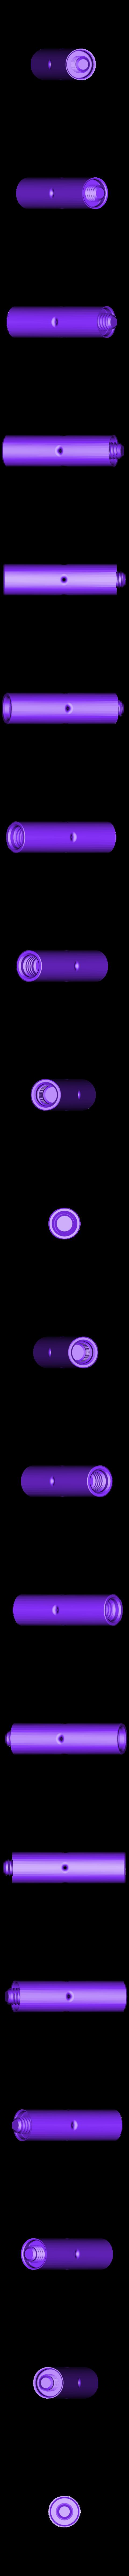 100mm_SmallRod.STL Télécharger fichier STL gratuit Le porte-bobine universel - Page principale • Design pour imprimante 3D, Balkhagal4D